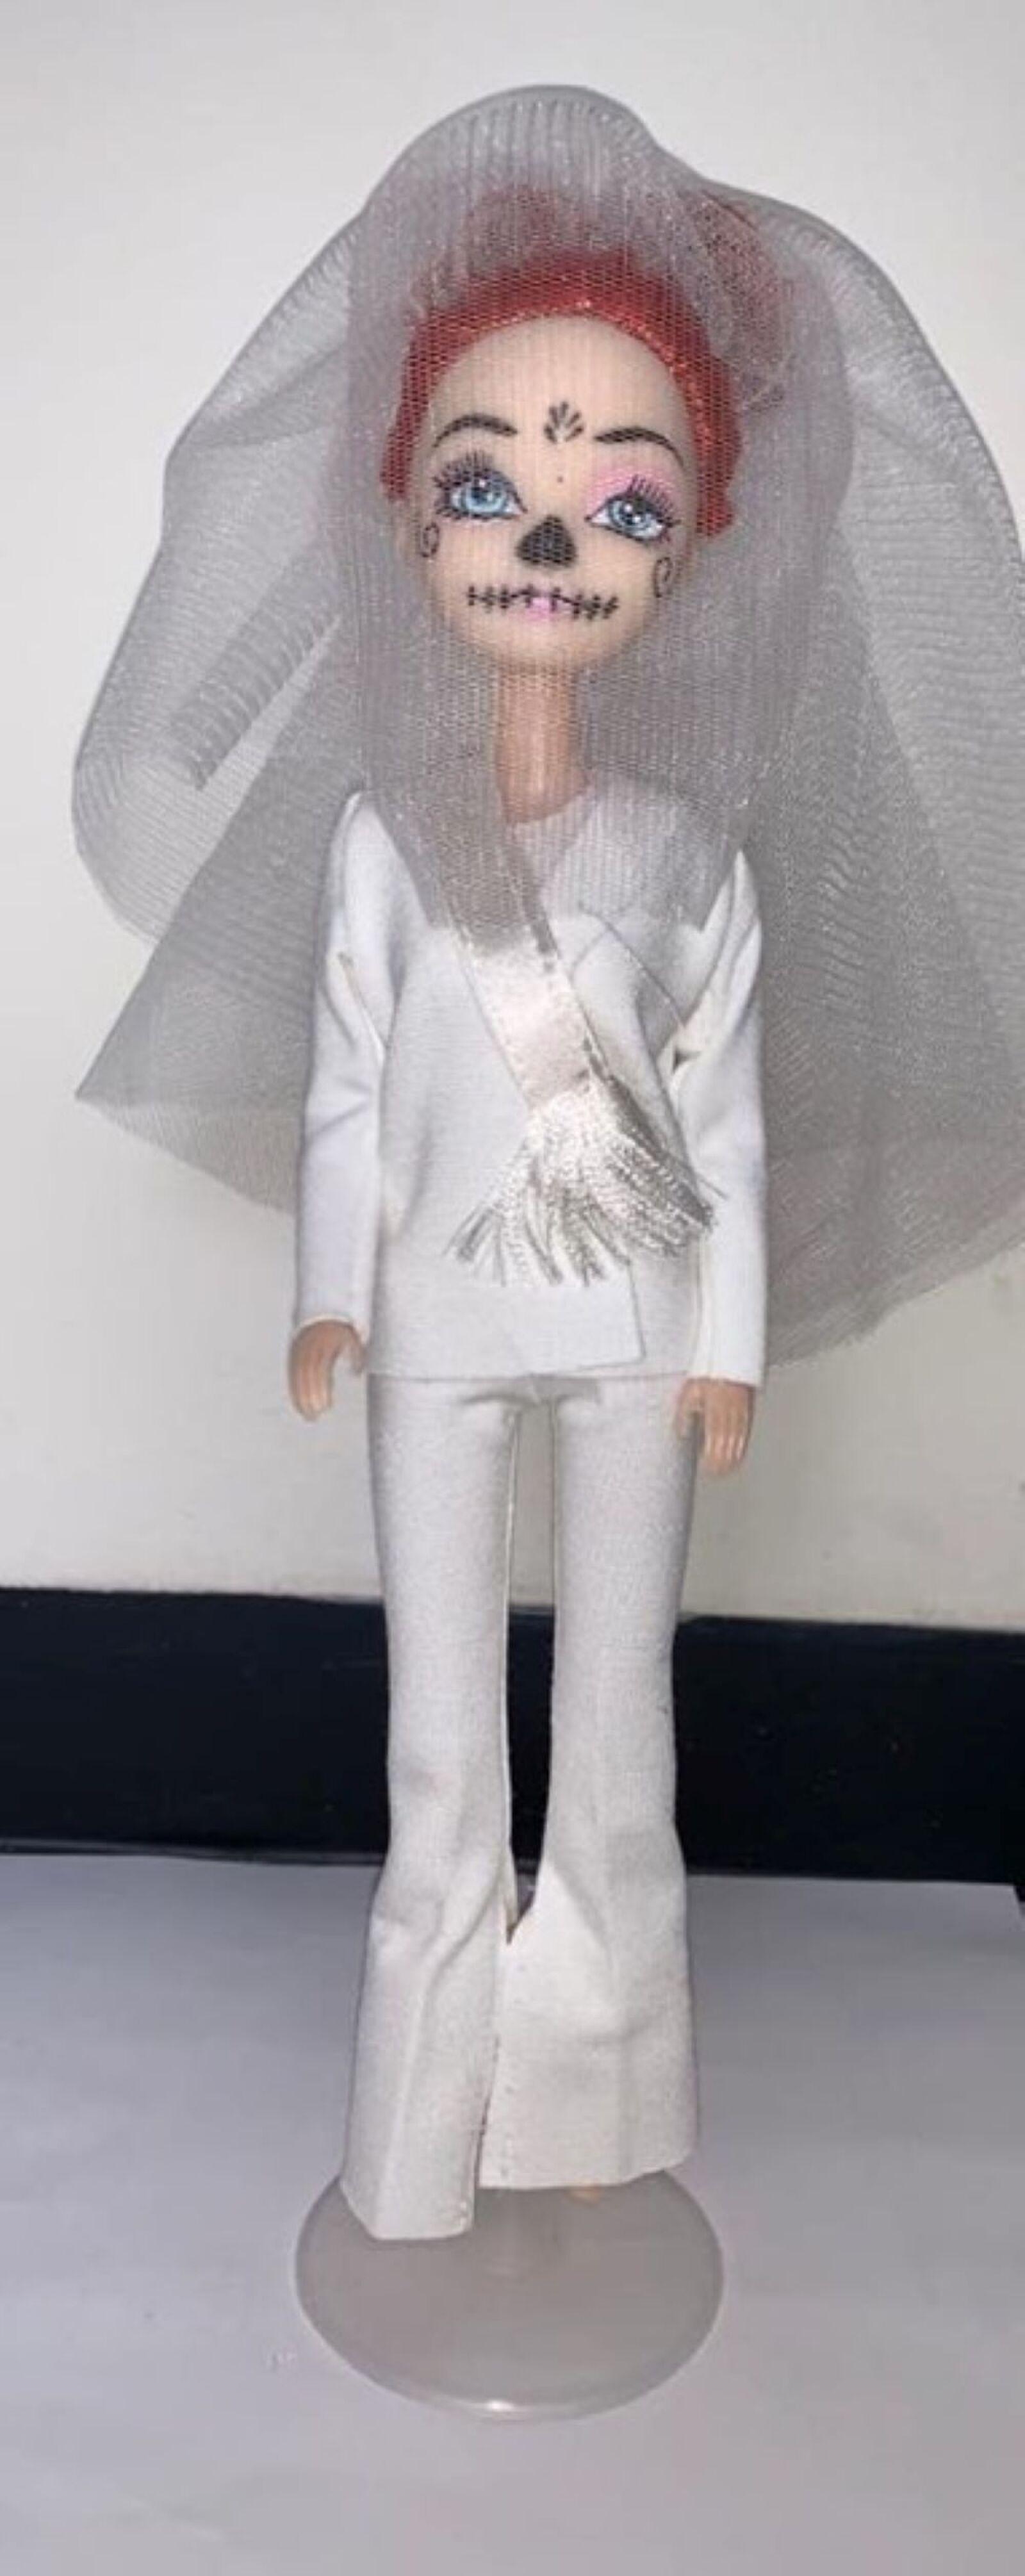 Recrean vestido de Beatriz Gutiérrez para una muñeca 8.jpg